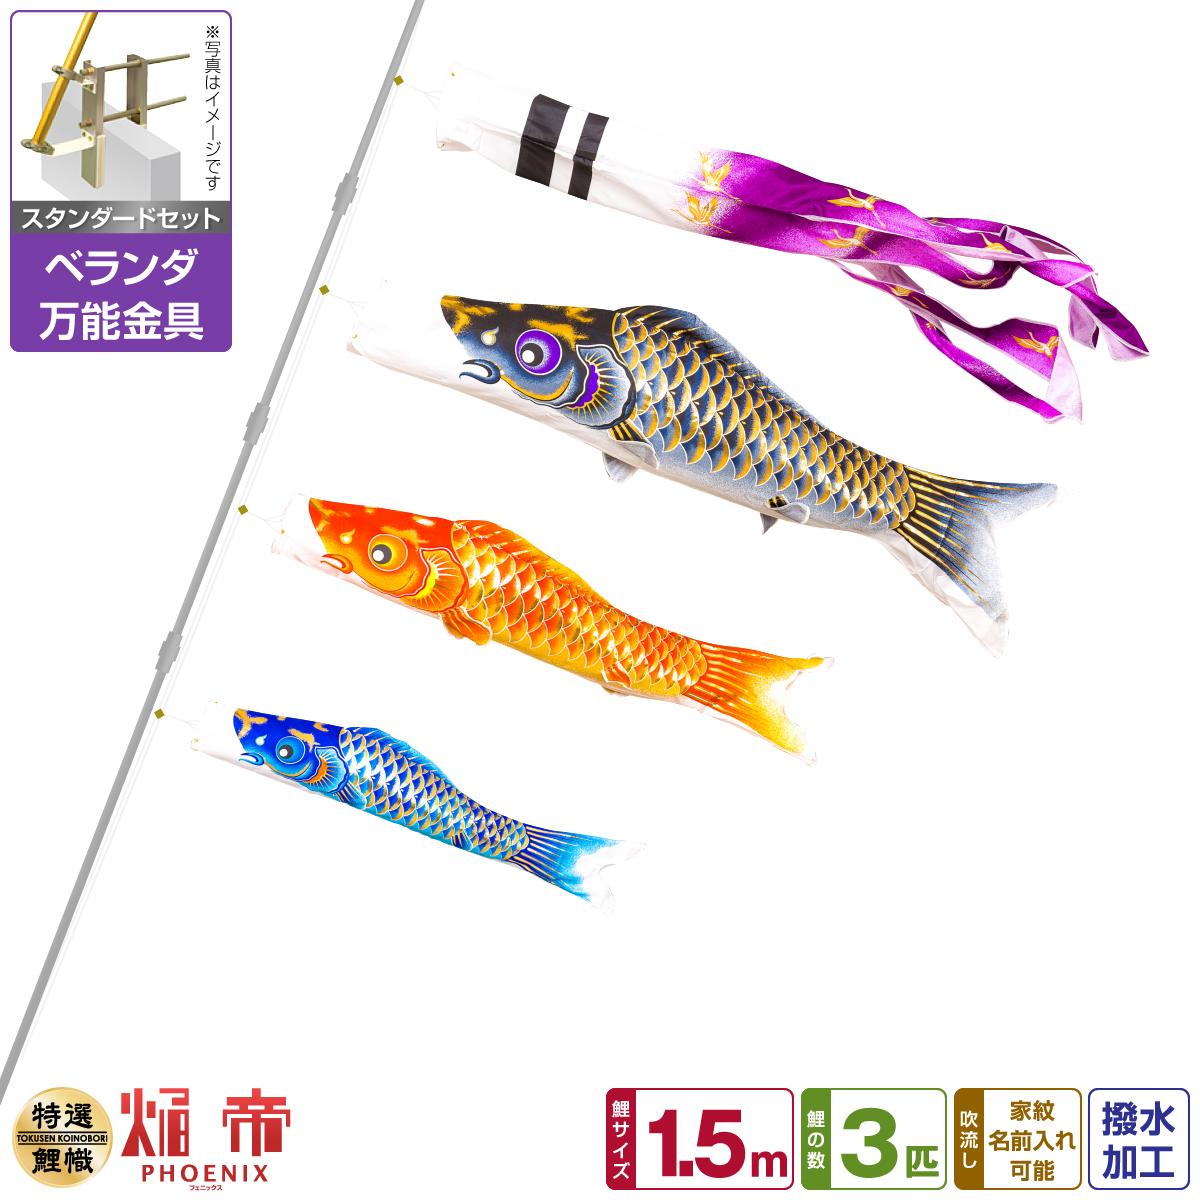 ベランダ用 こいのぼり 鯉のぼり 焔帝鯉フェニックス 1.5m 6点(吹流し+鯉3匹+矢車+ロープ)/スタンダードセット(万能取付金具)